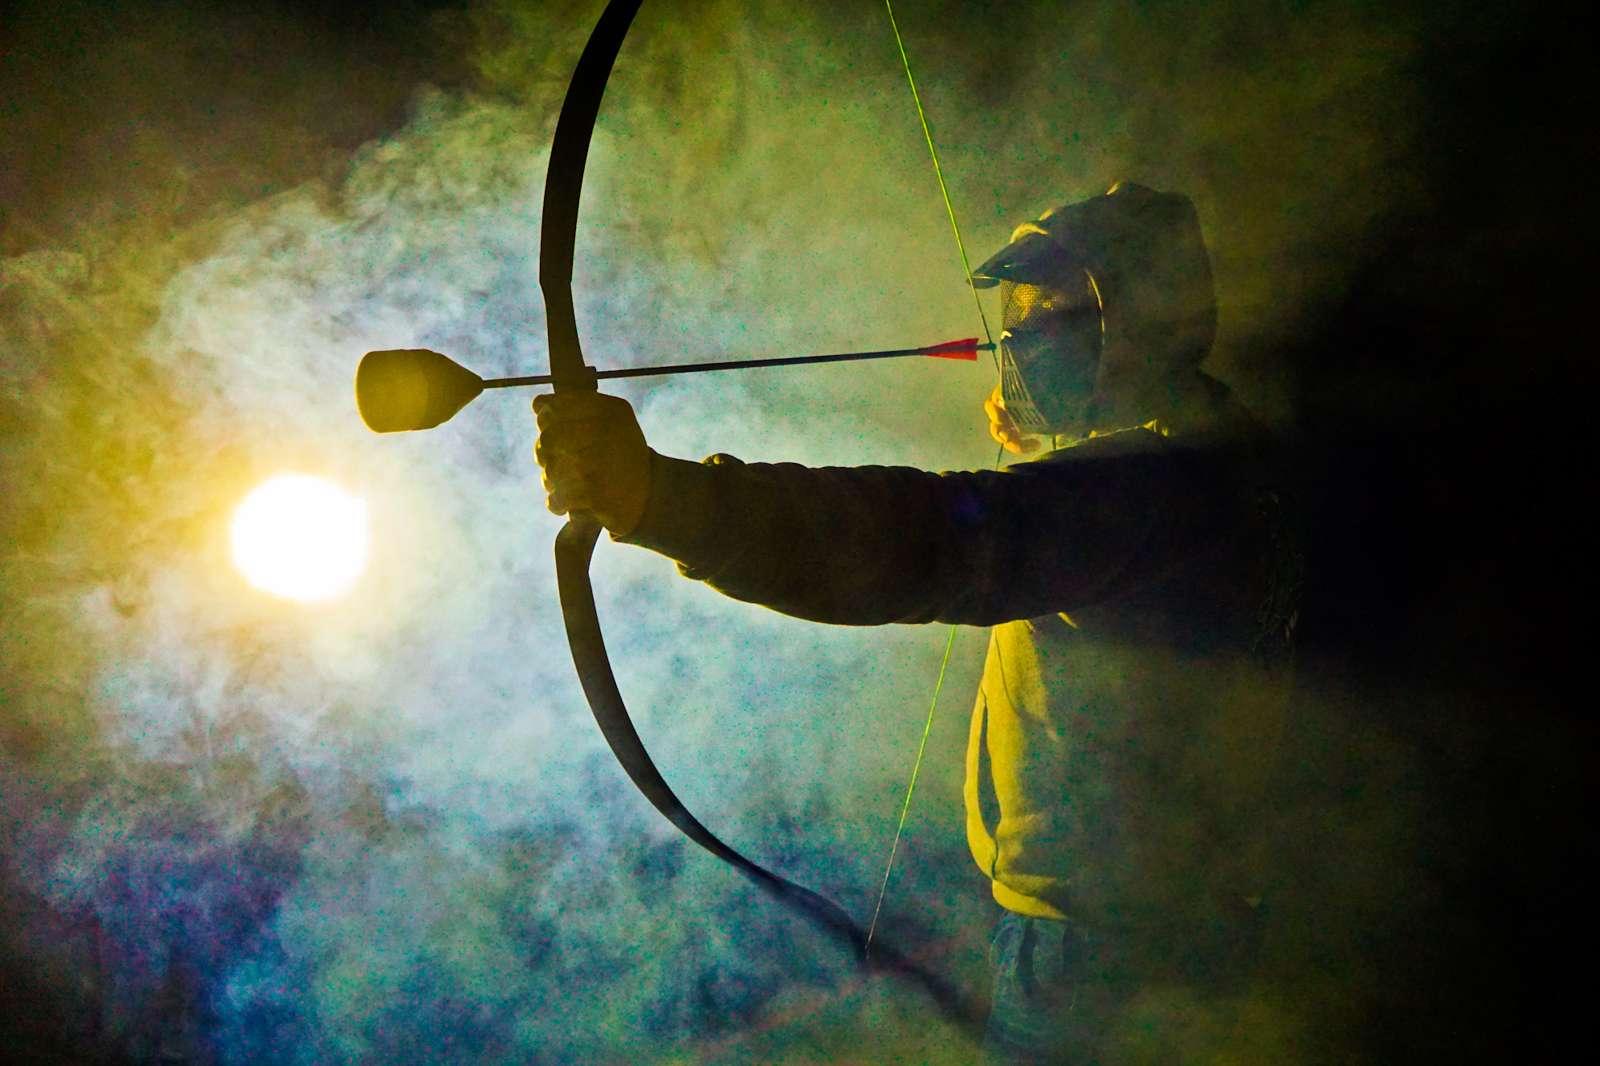 Archery Game, Archery Tag, Paintball łuczniczy, najlepsza rozrywka